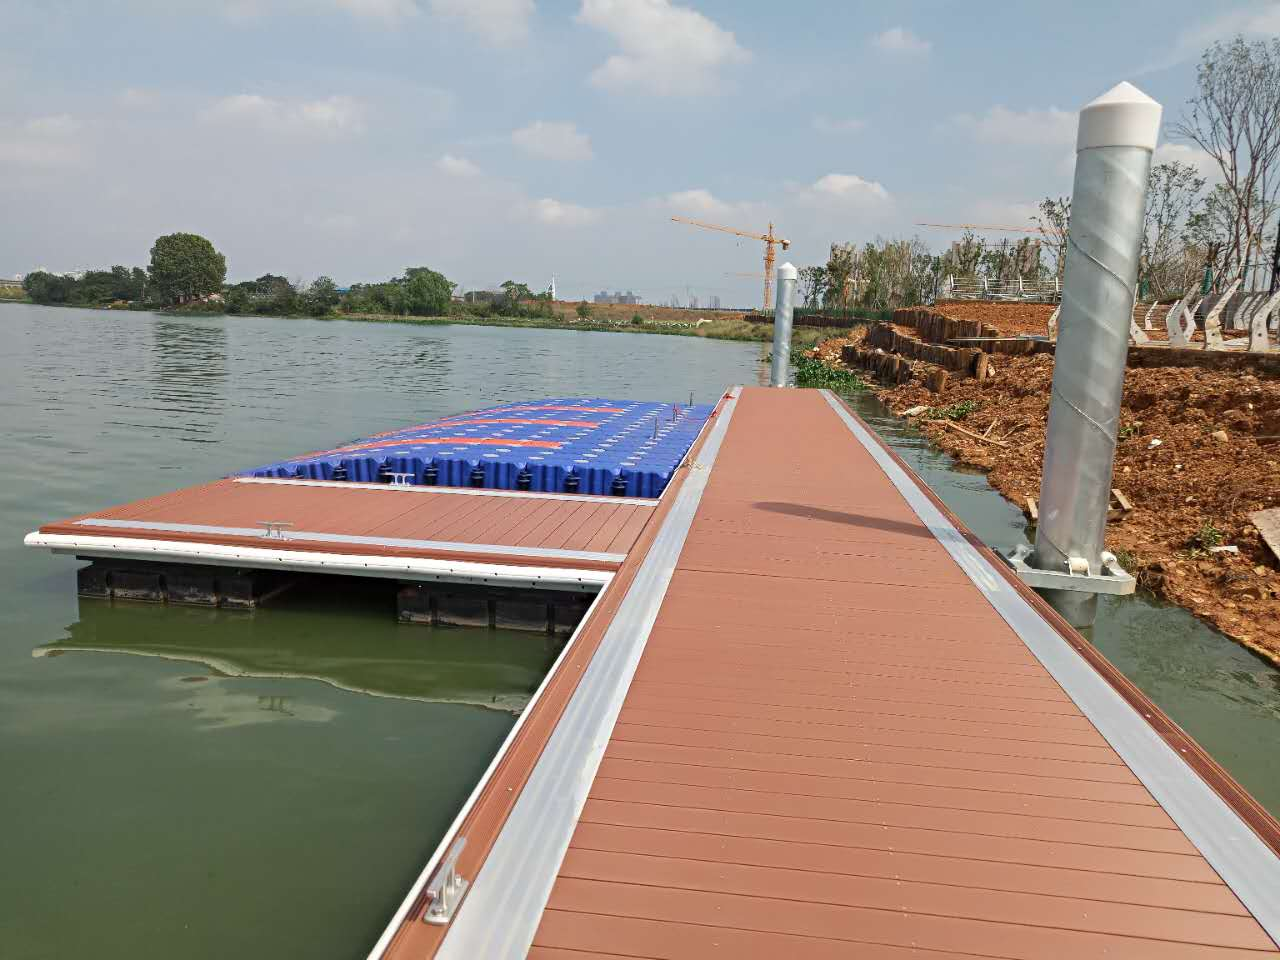 The Wuhan yacht dock, motorboat dock